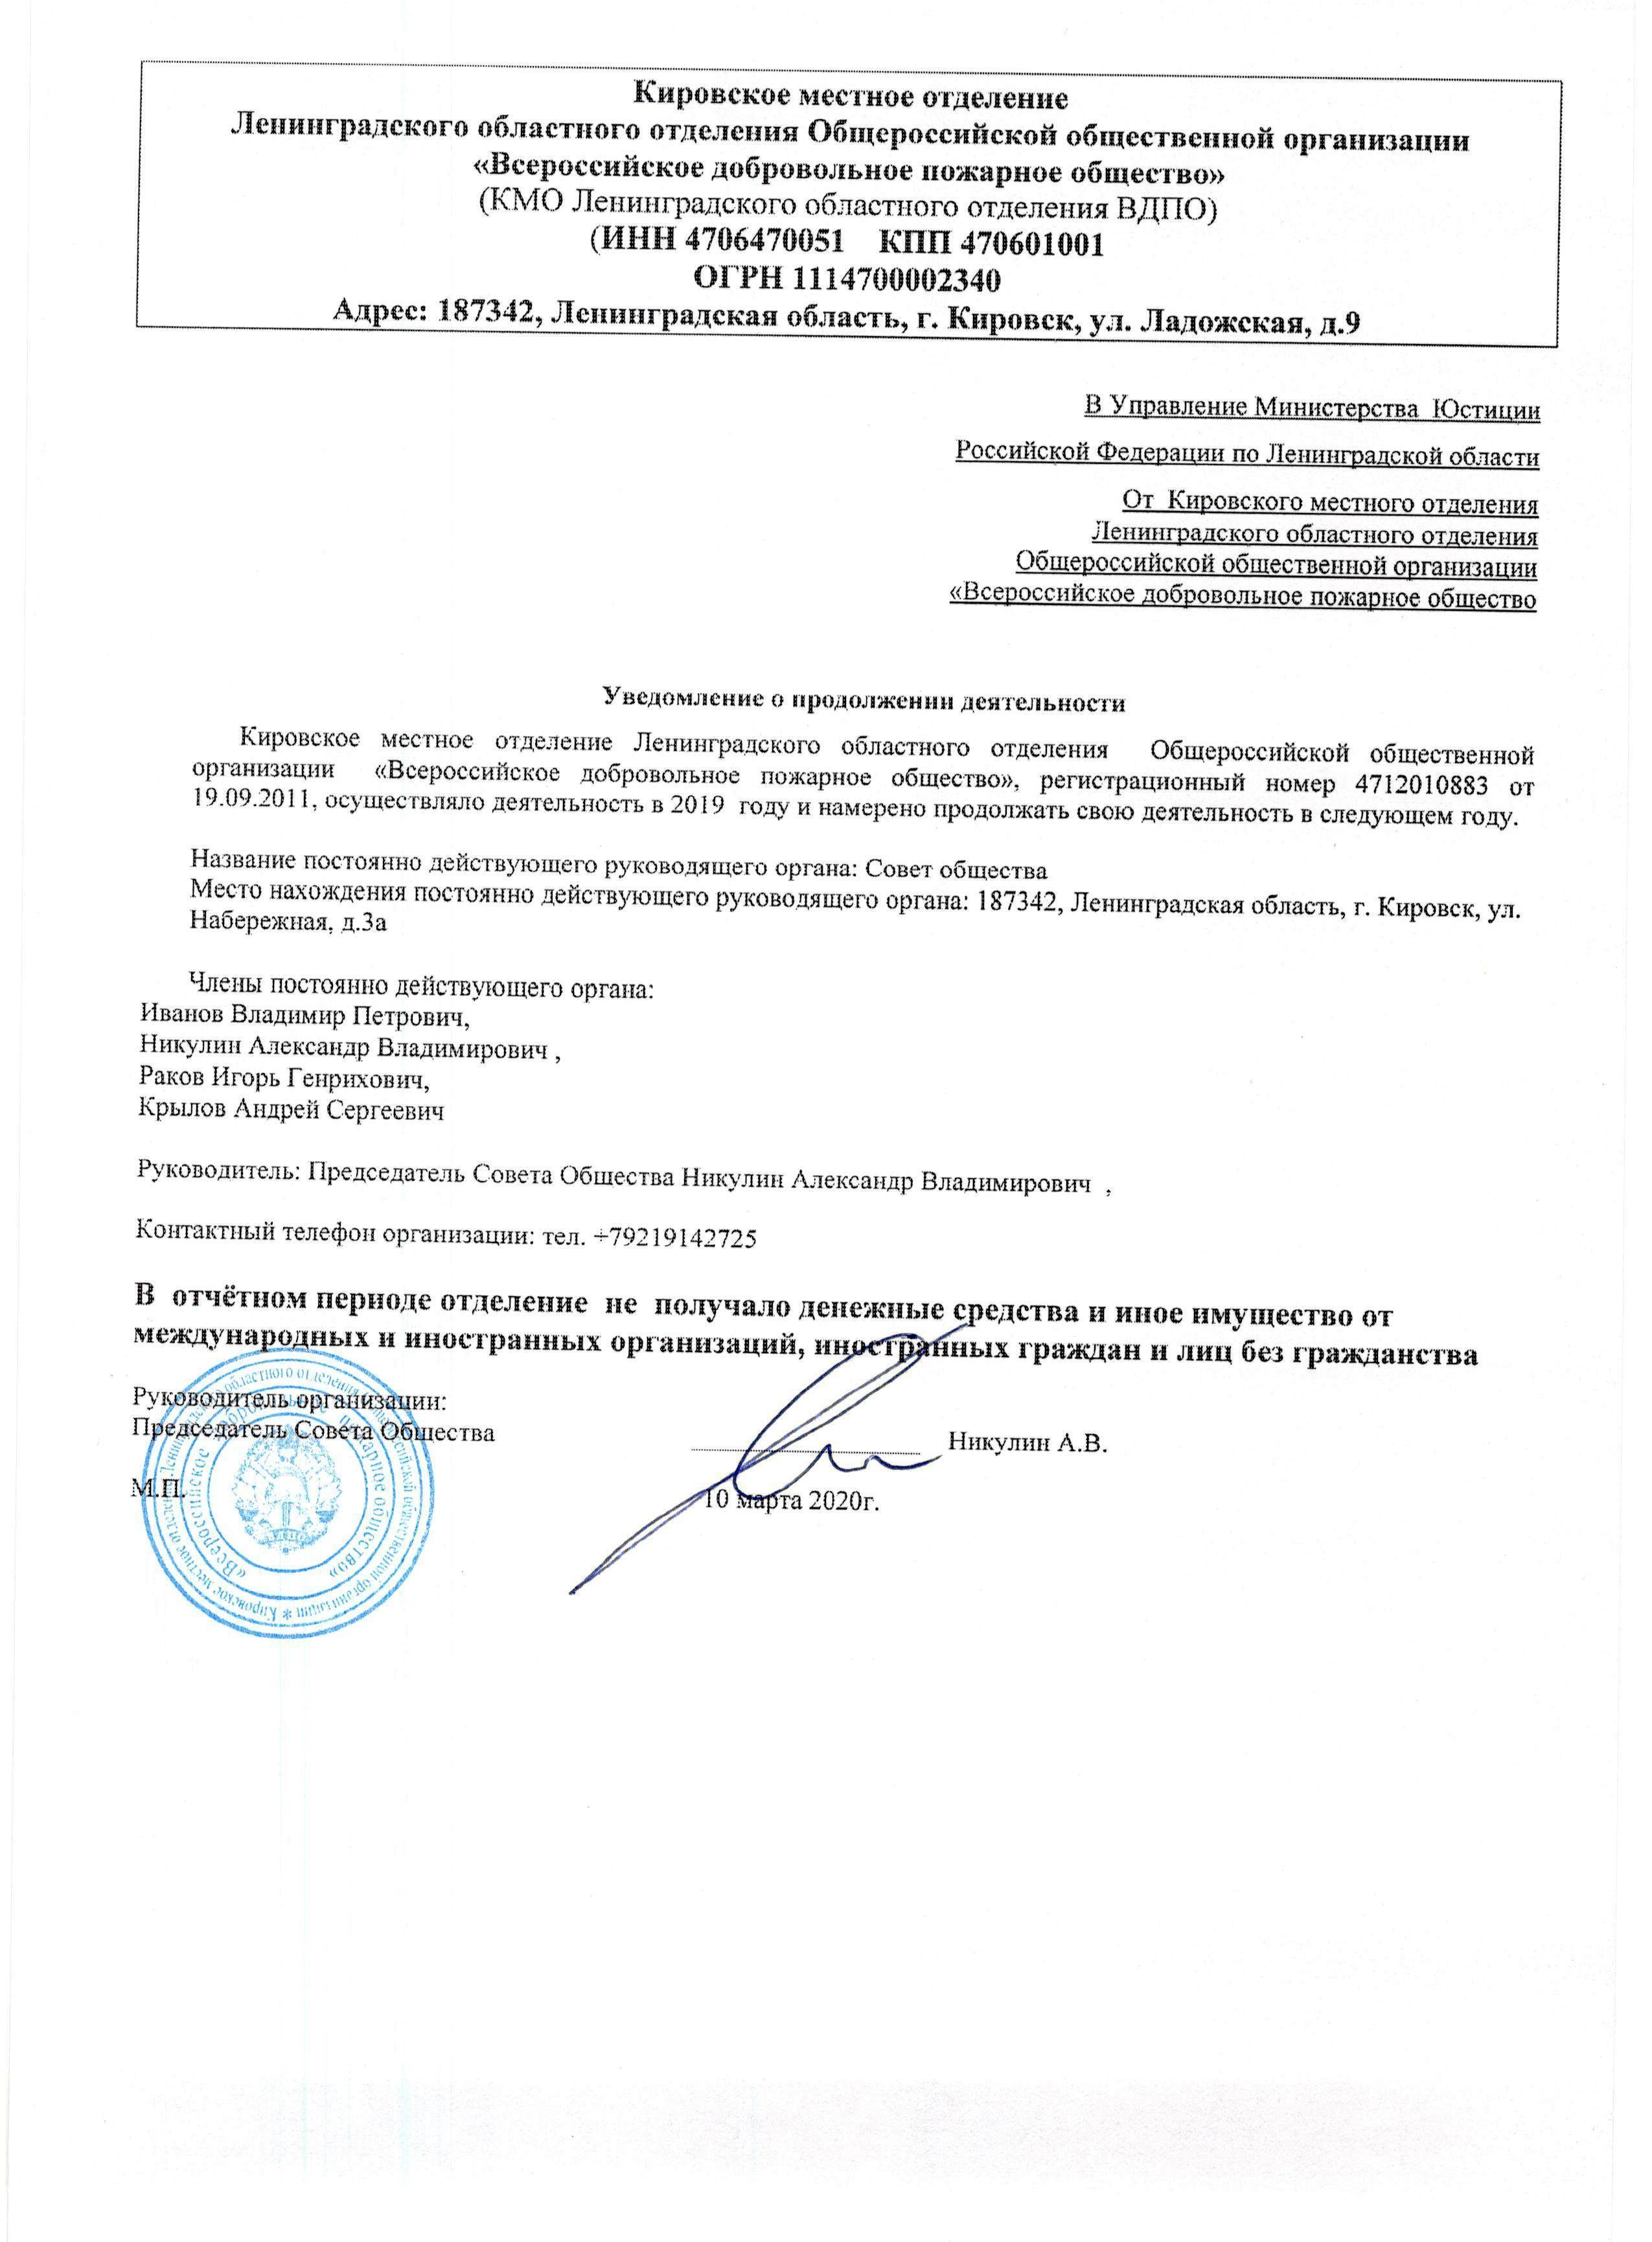 kir-vdpo-ru_o-prodolzhenii-deiatelnosti-kmo-loo-ooo-vdpo_1.jpg